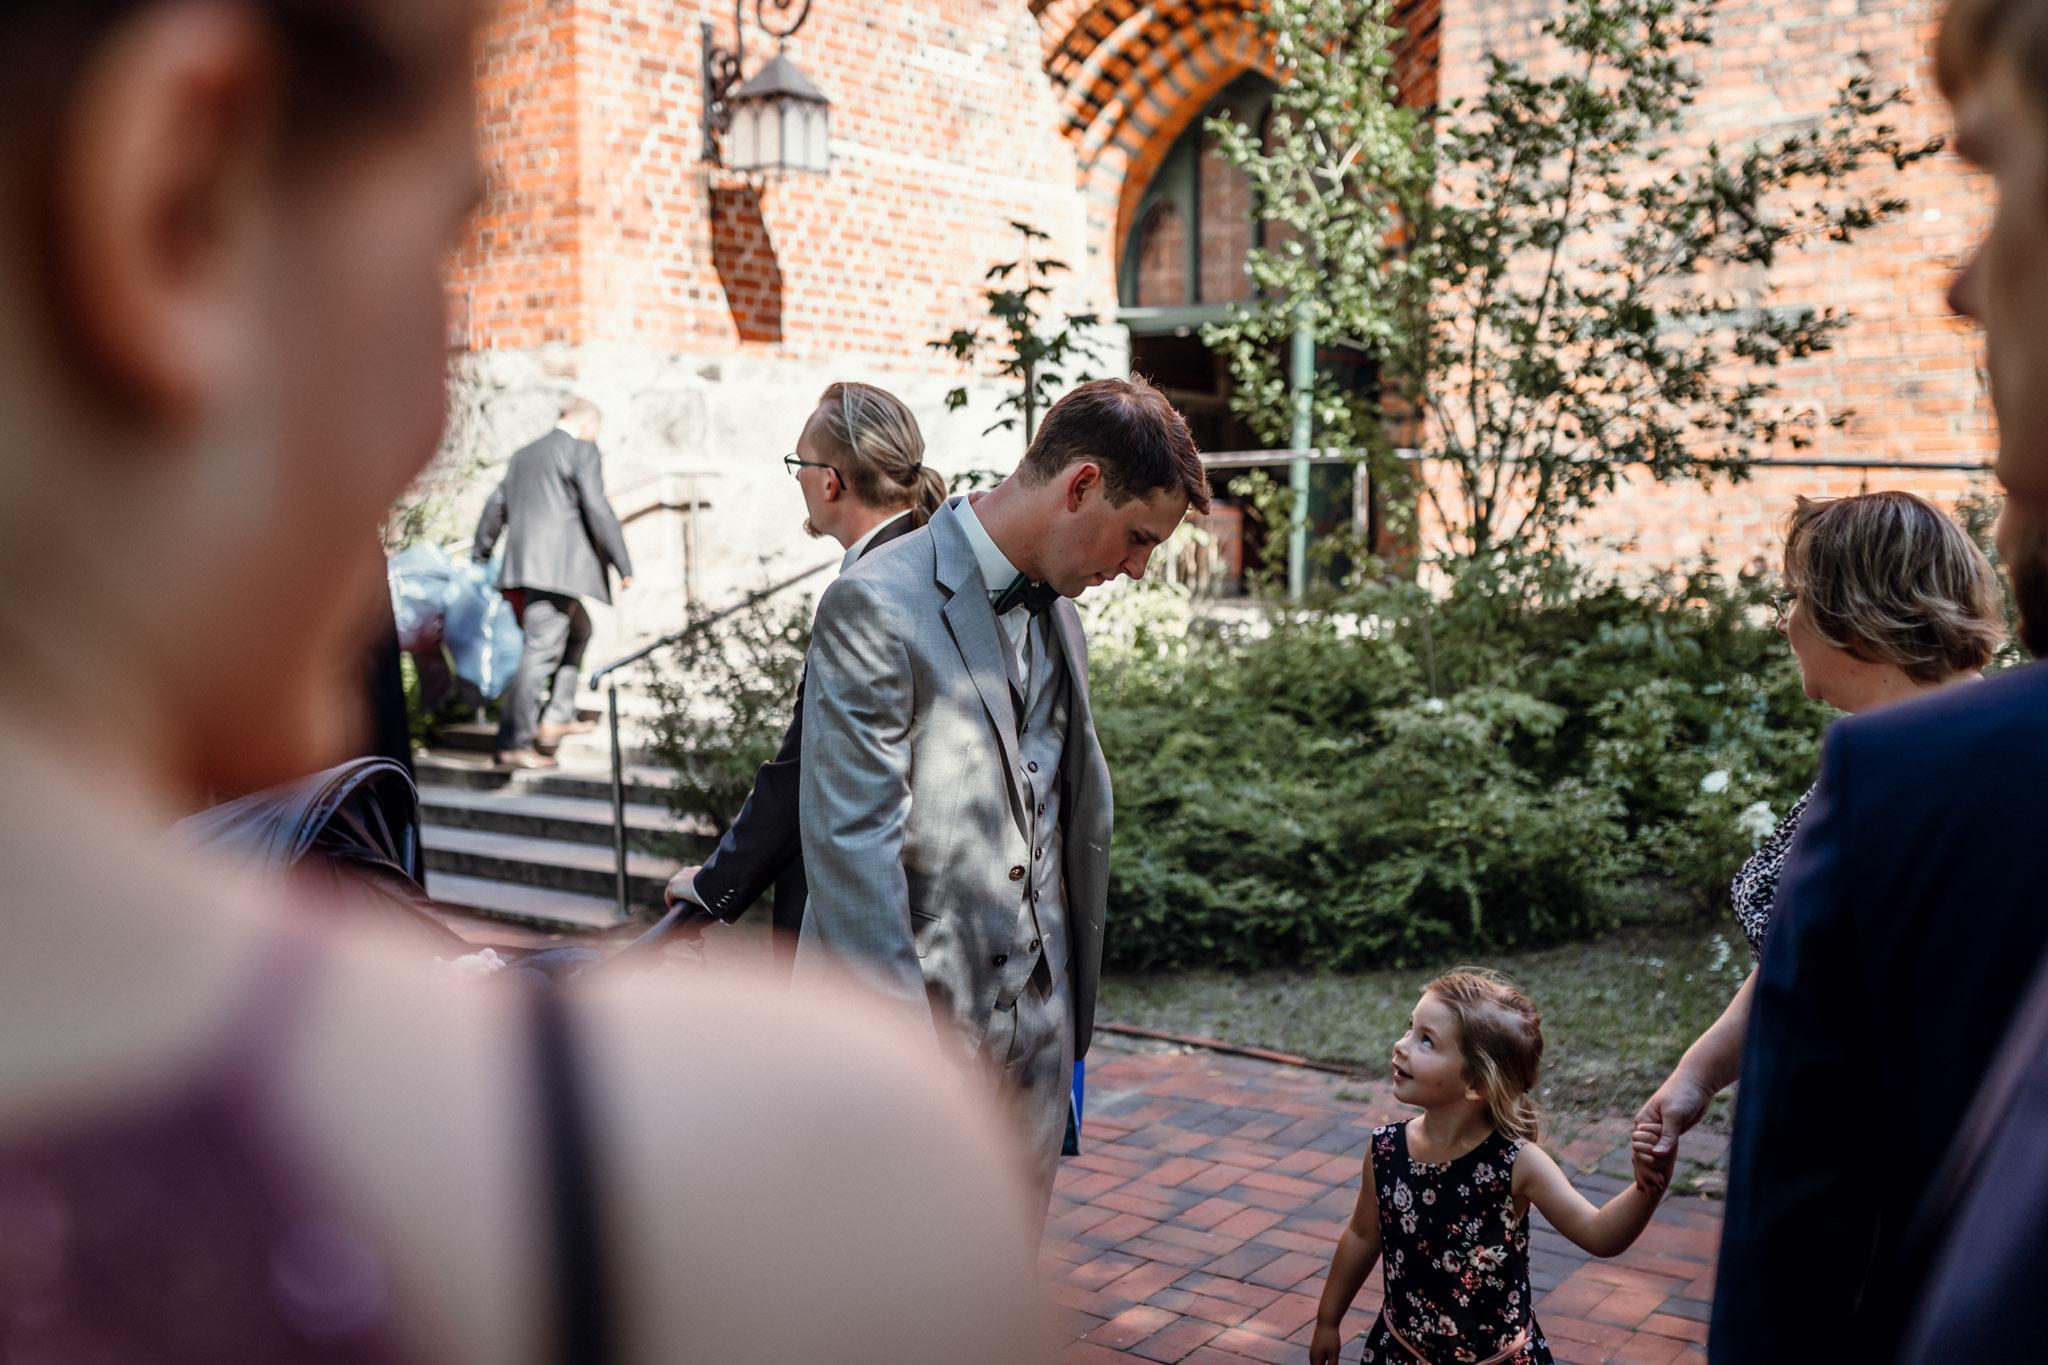 Sven Schomburg Hochzeitsfotografie, Hamburg, Mölln, Hochzeitsfieber by Photo-Schomburg, Hochzeitsreportage, Forsthaus Waldhusen, Braut, Bräutigam-13